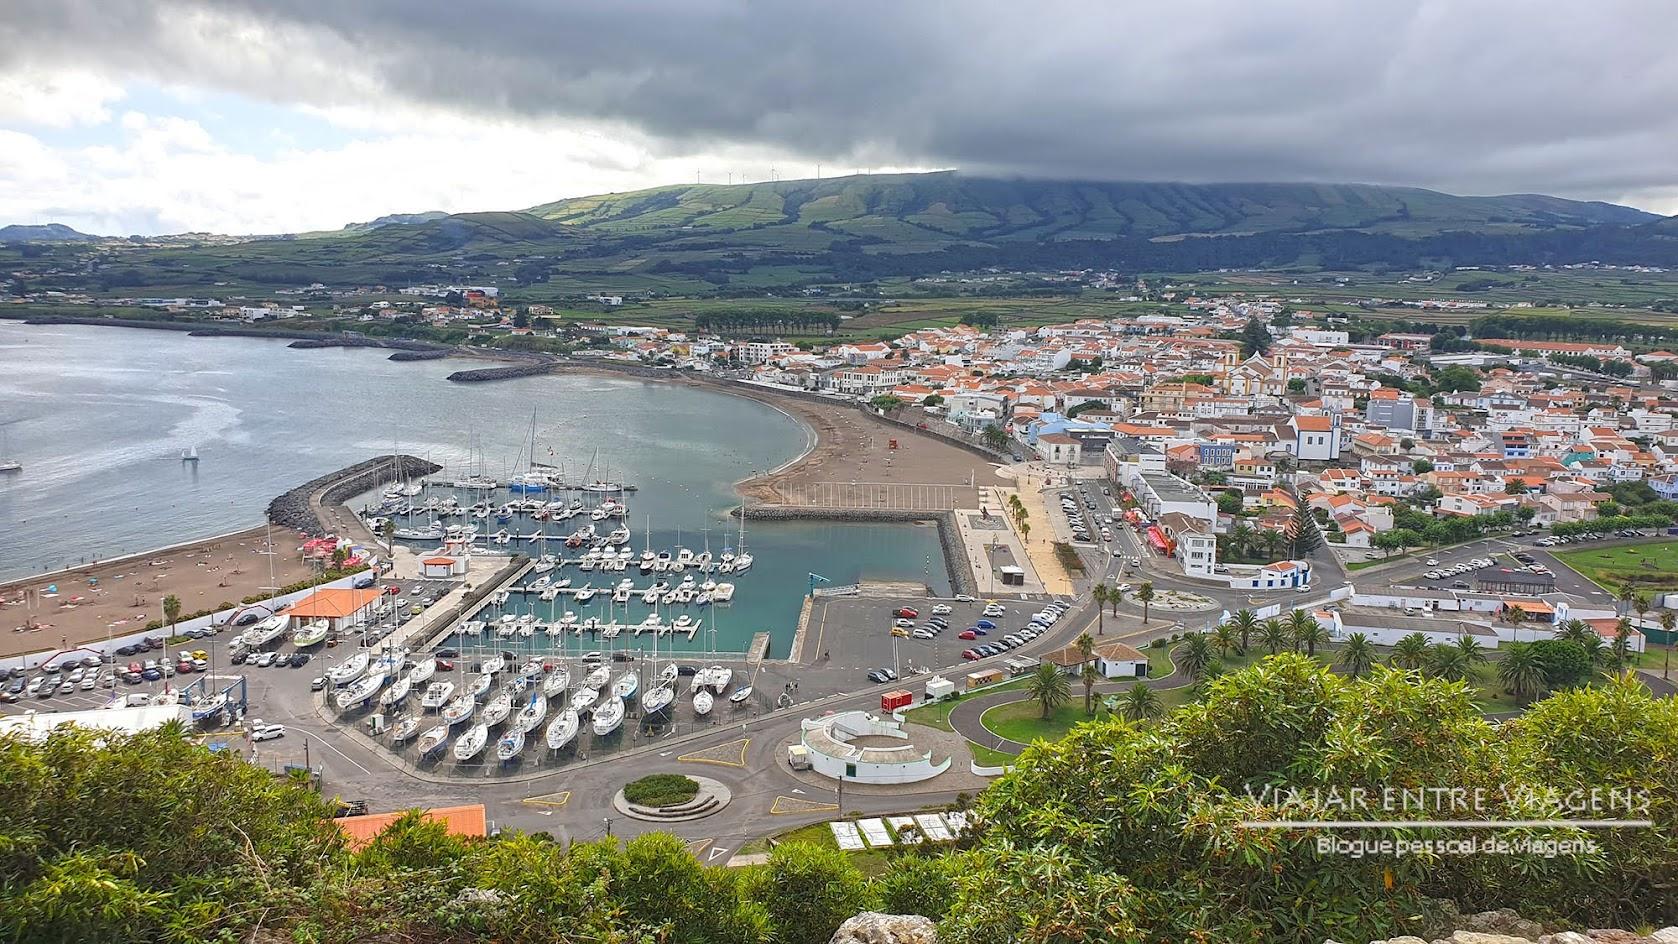 Explorar o património arquitectónico de Praia da Vitória, na ilha Terceira